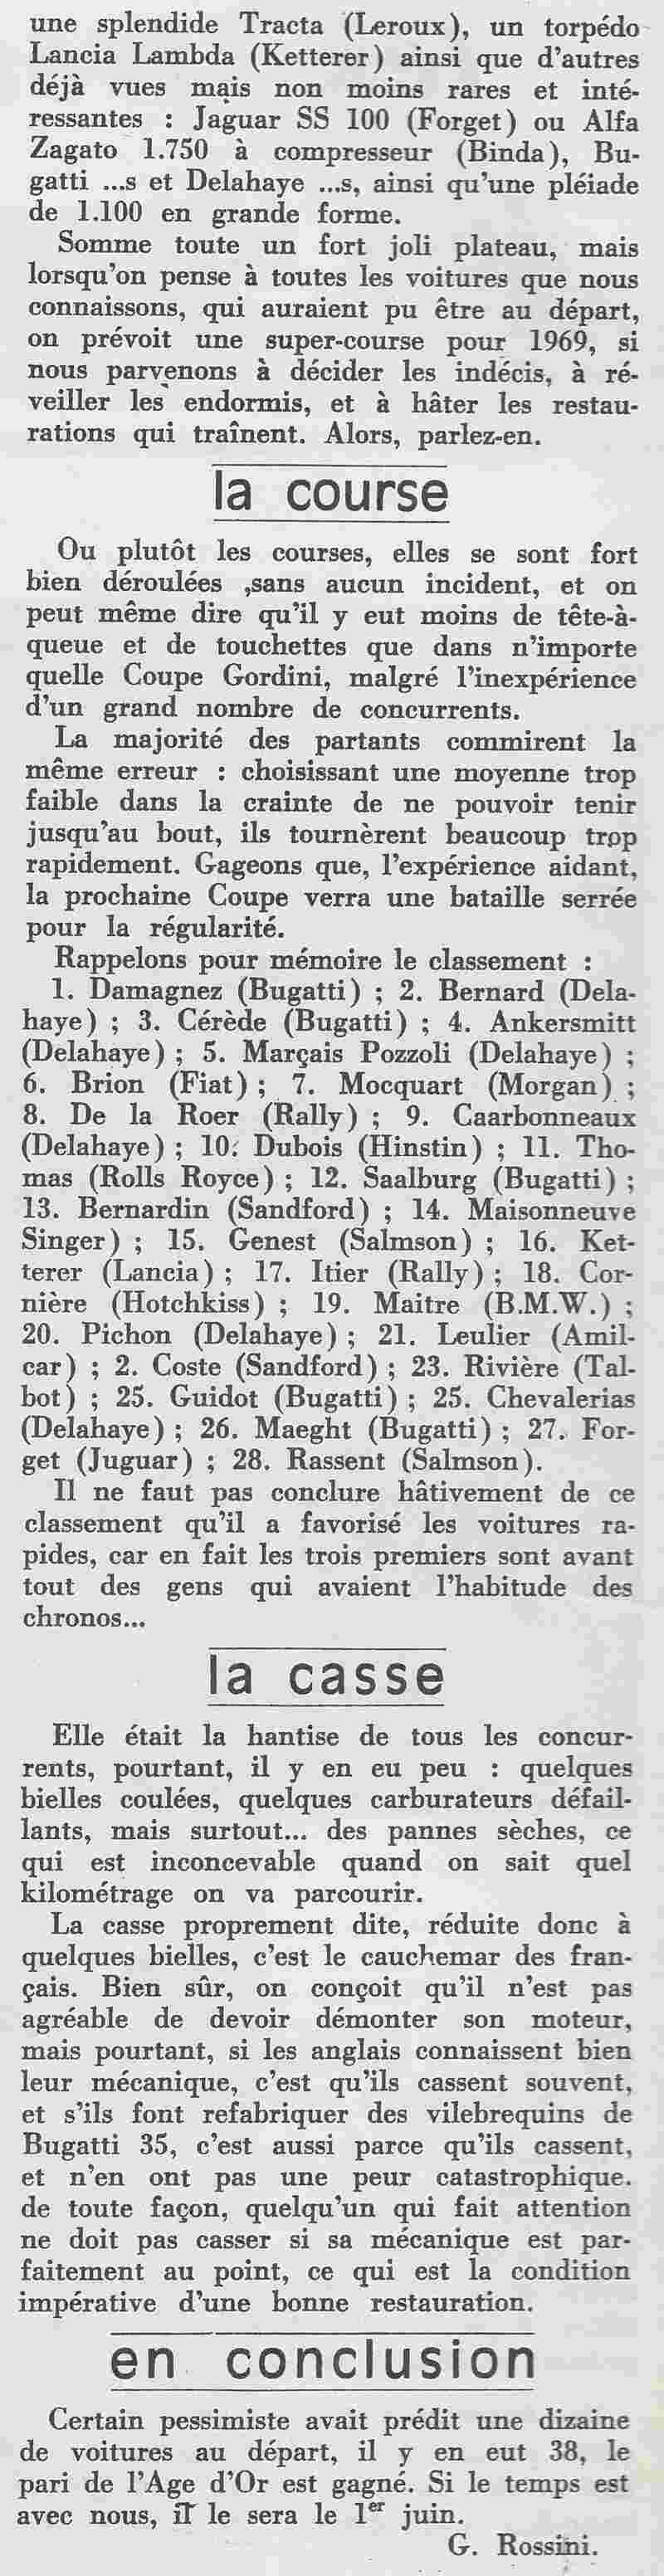 Coupes de l'Age d'or à Montlhéry - 1968, 69, 70 68-c10